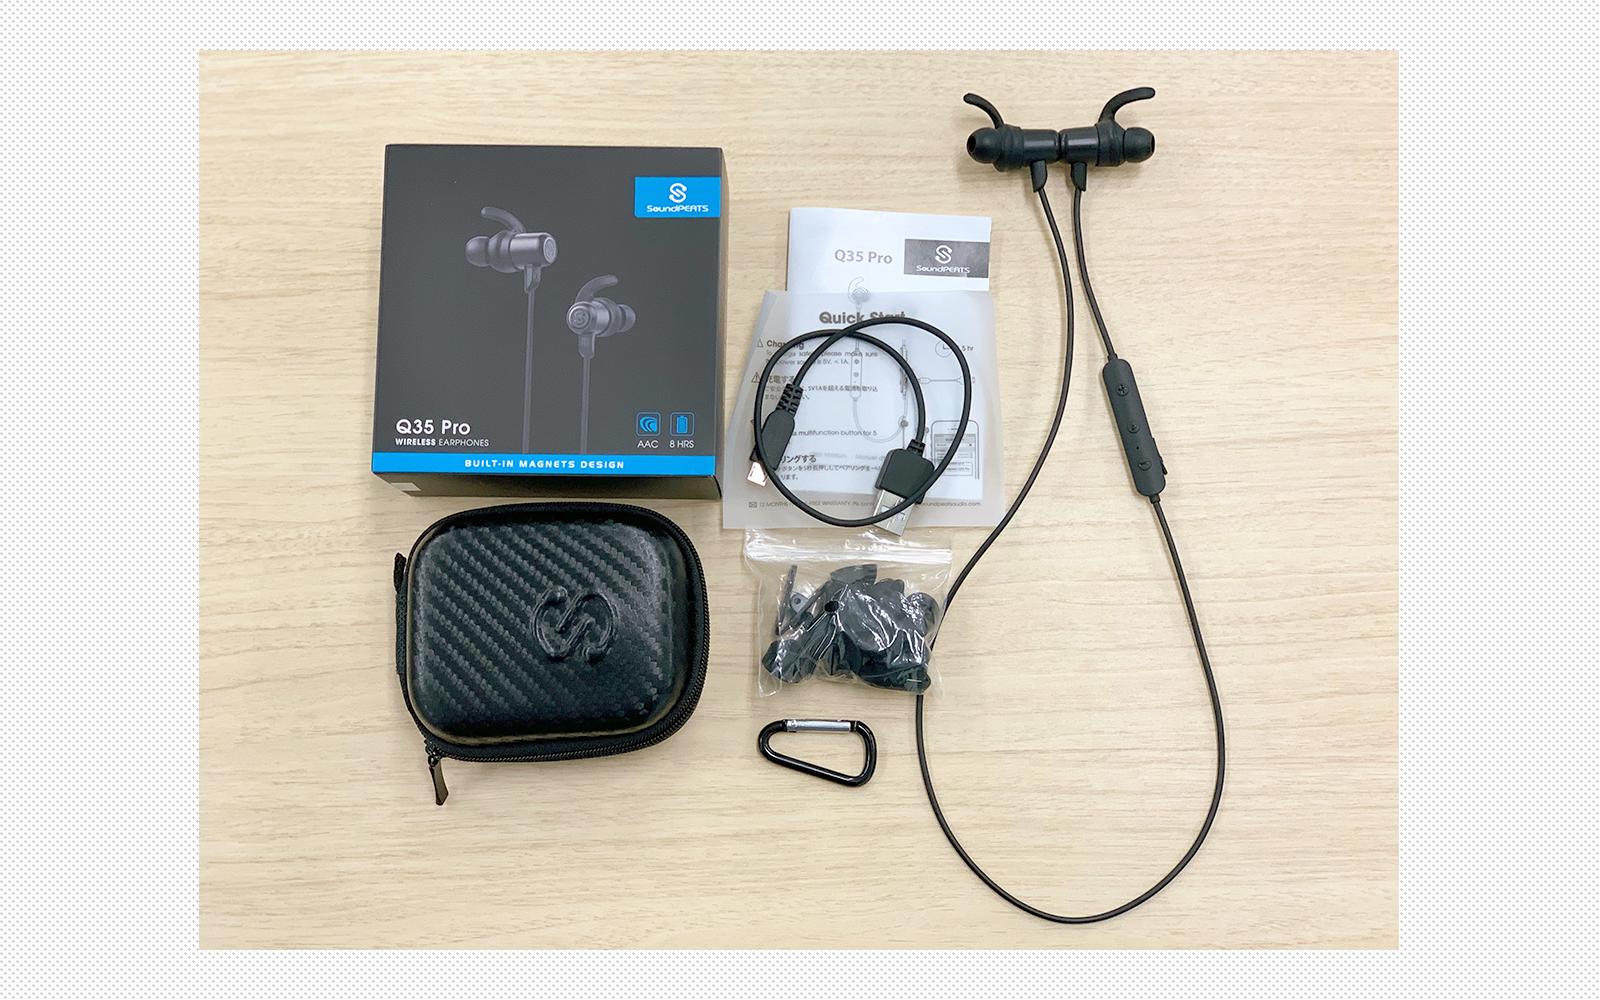 おすすめのワイヤレスイヤホン SoundPEATS(サウンドピーツ) Bluetooth イヤホン Q35pro